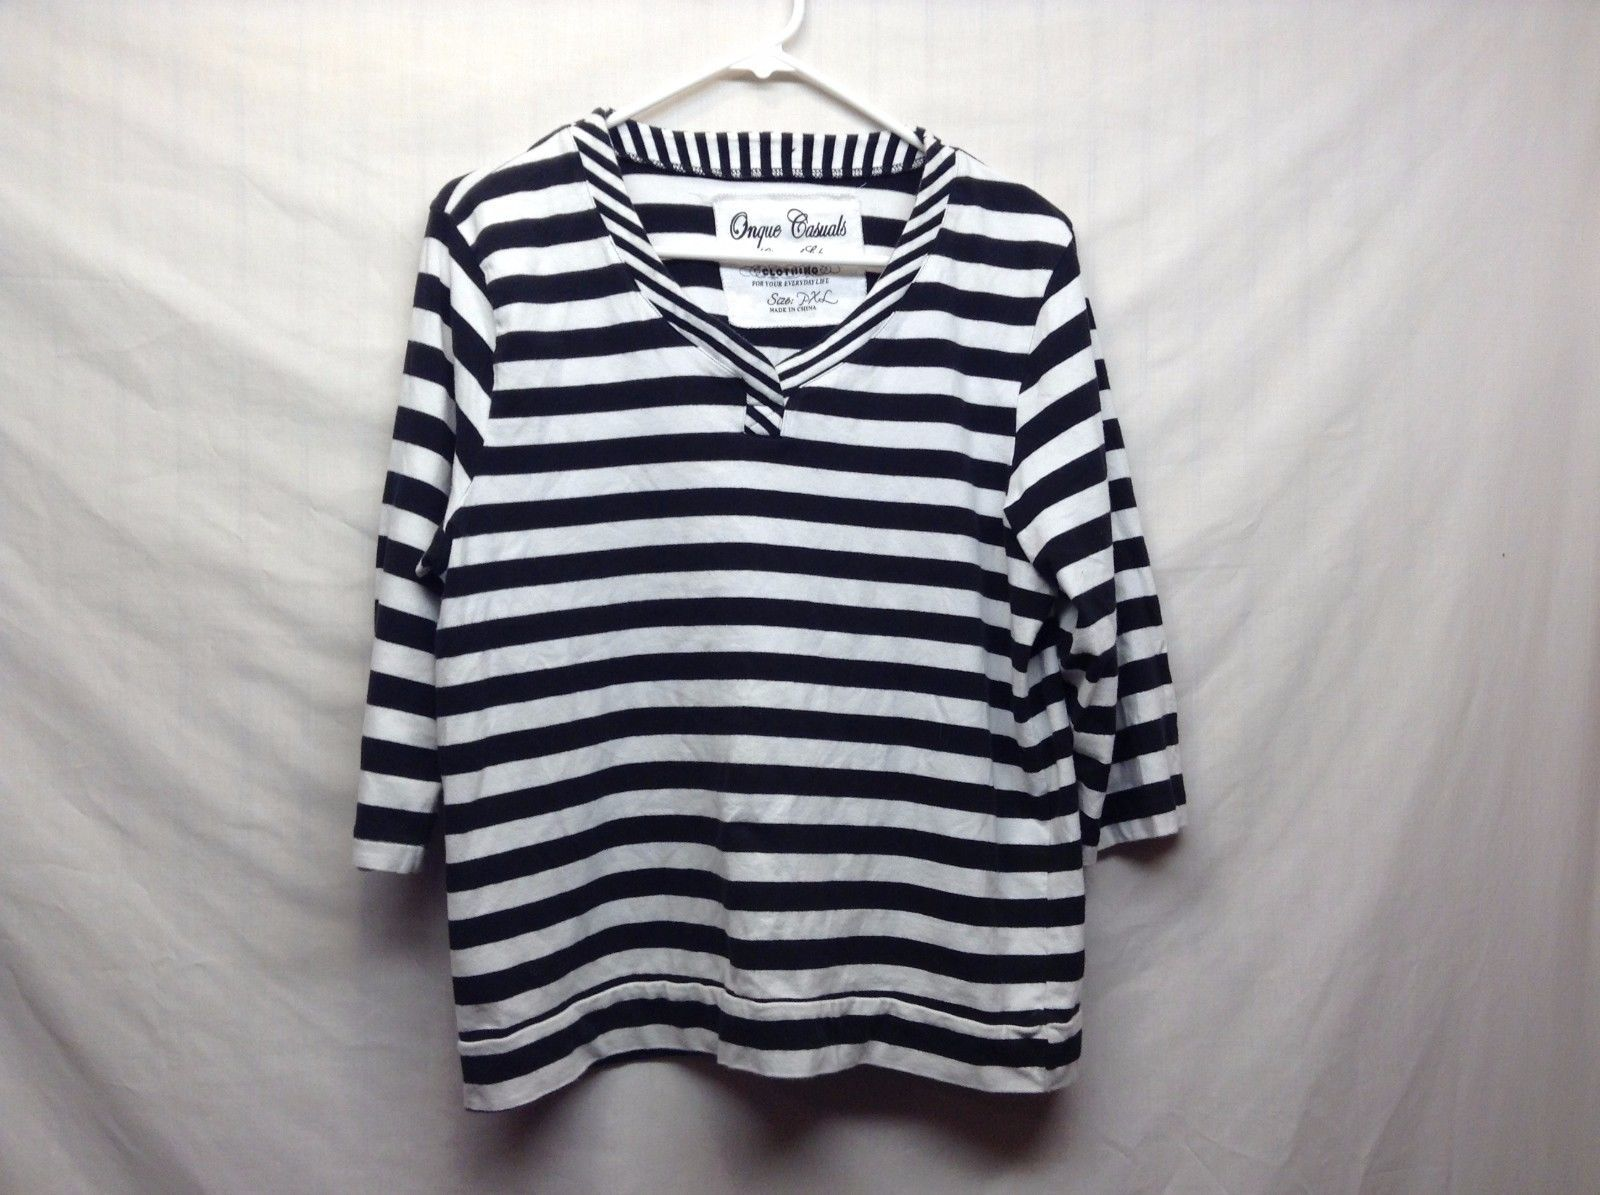 Onque Casuals Black White Horizontally Striped V Neck Shirt Sz PXL